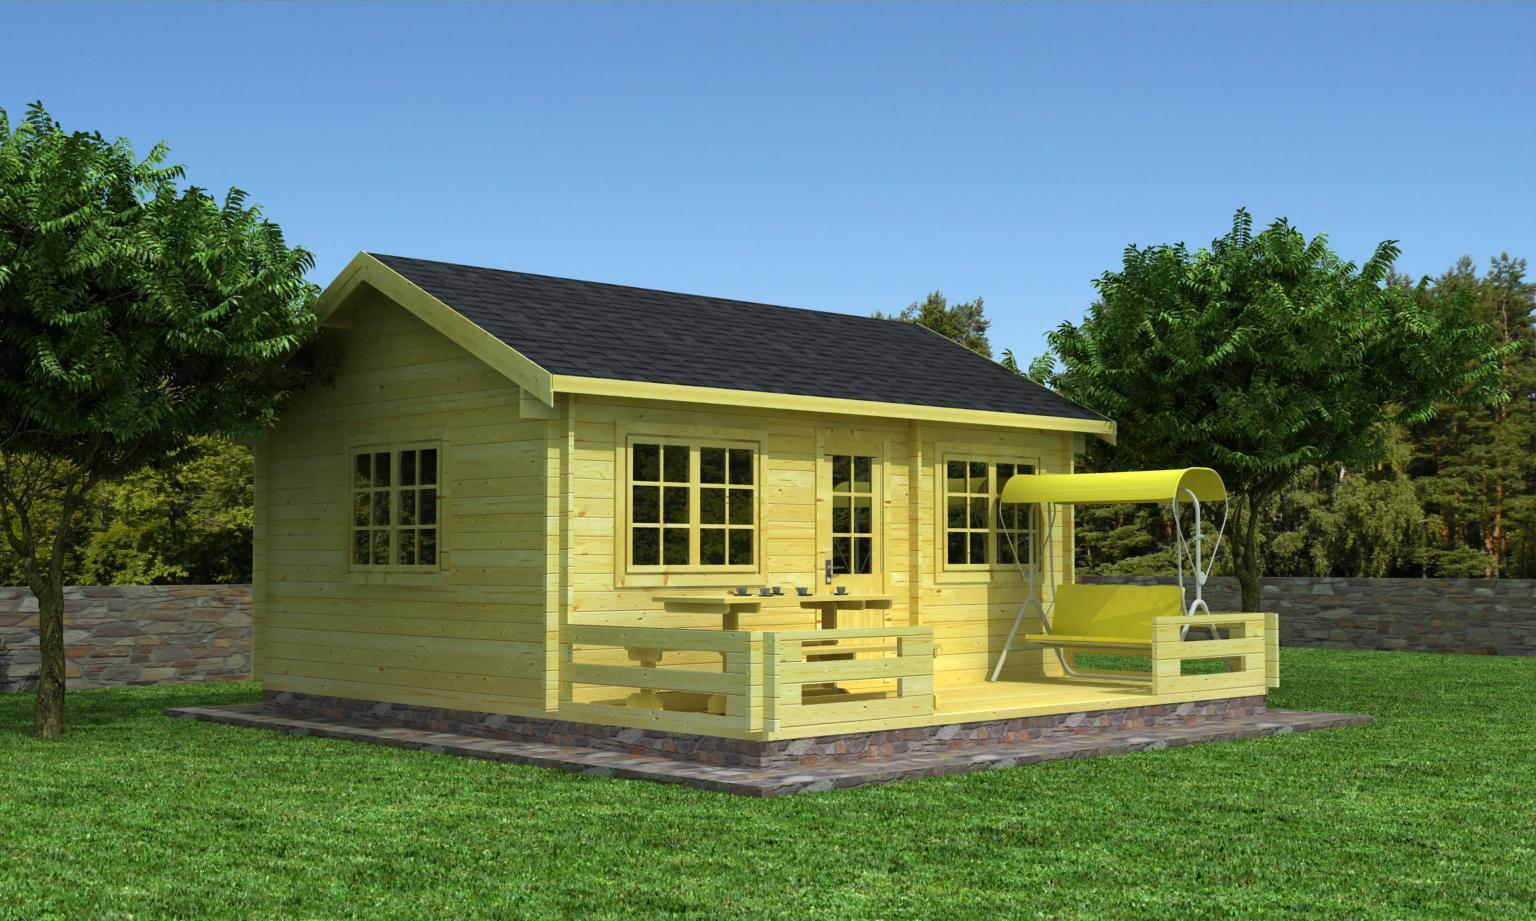 gartenhaus modell gerolstein 44 sams gartenhaus shop. Black Bedroom Furniture Sets. Home Design Ideas